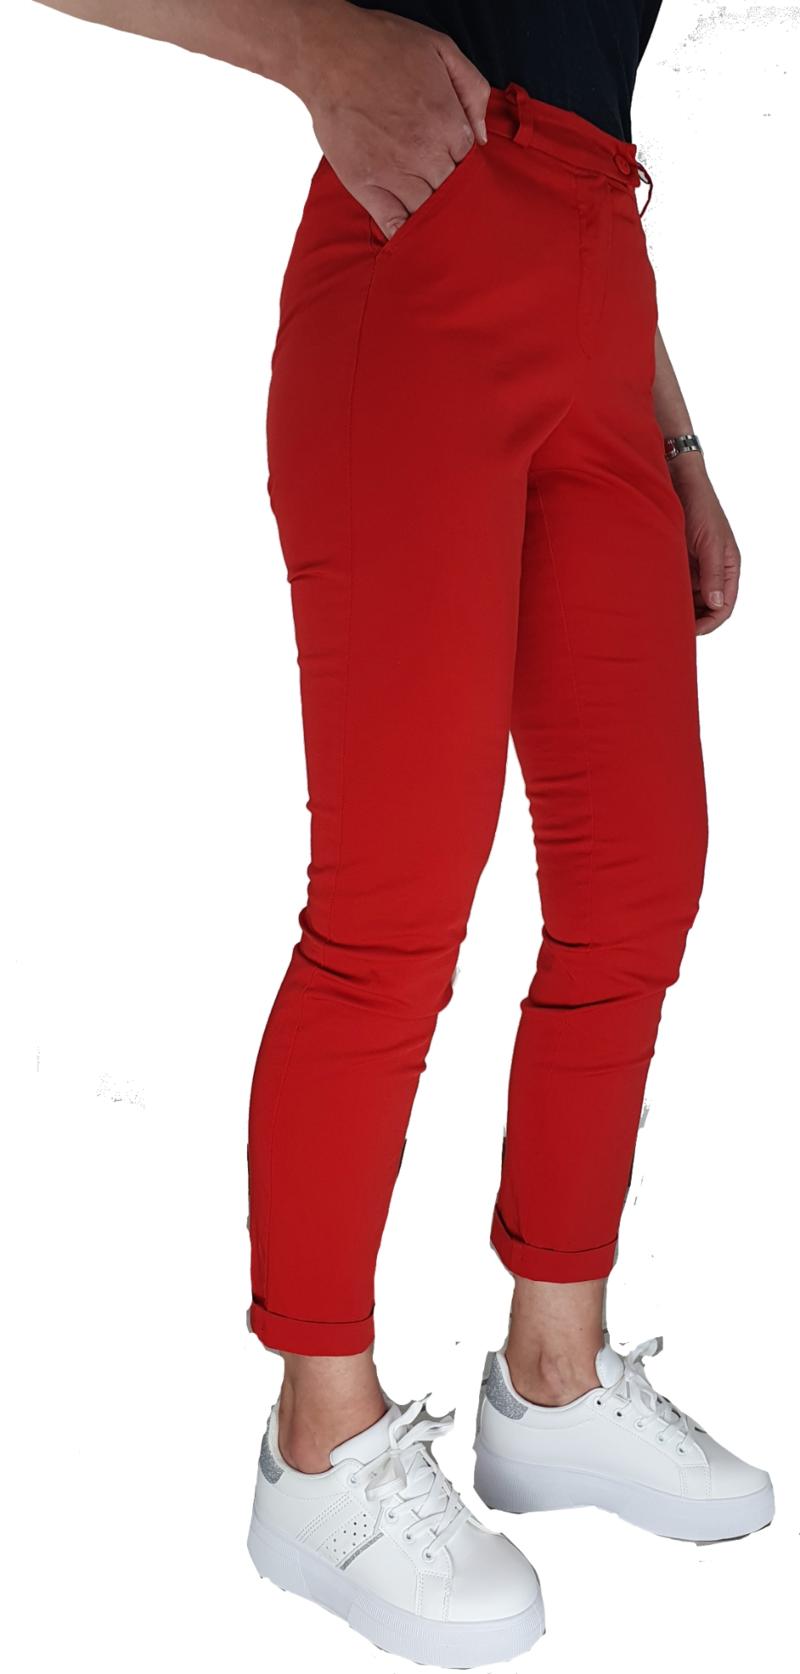 pantalone-art-411